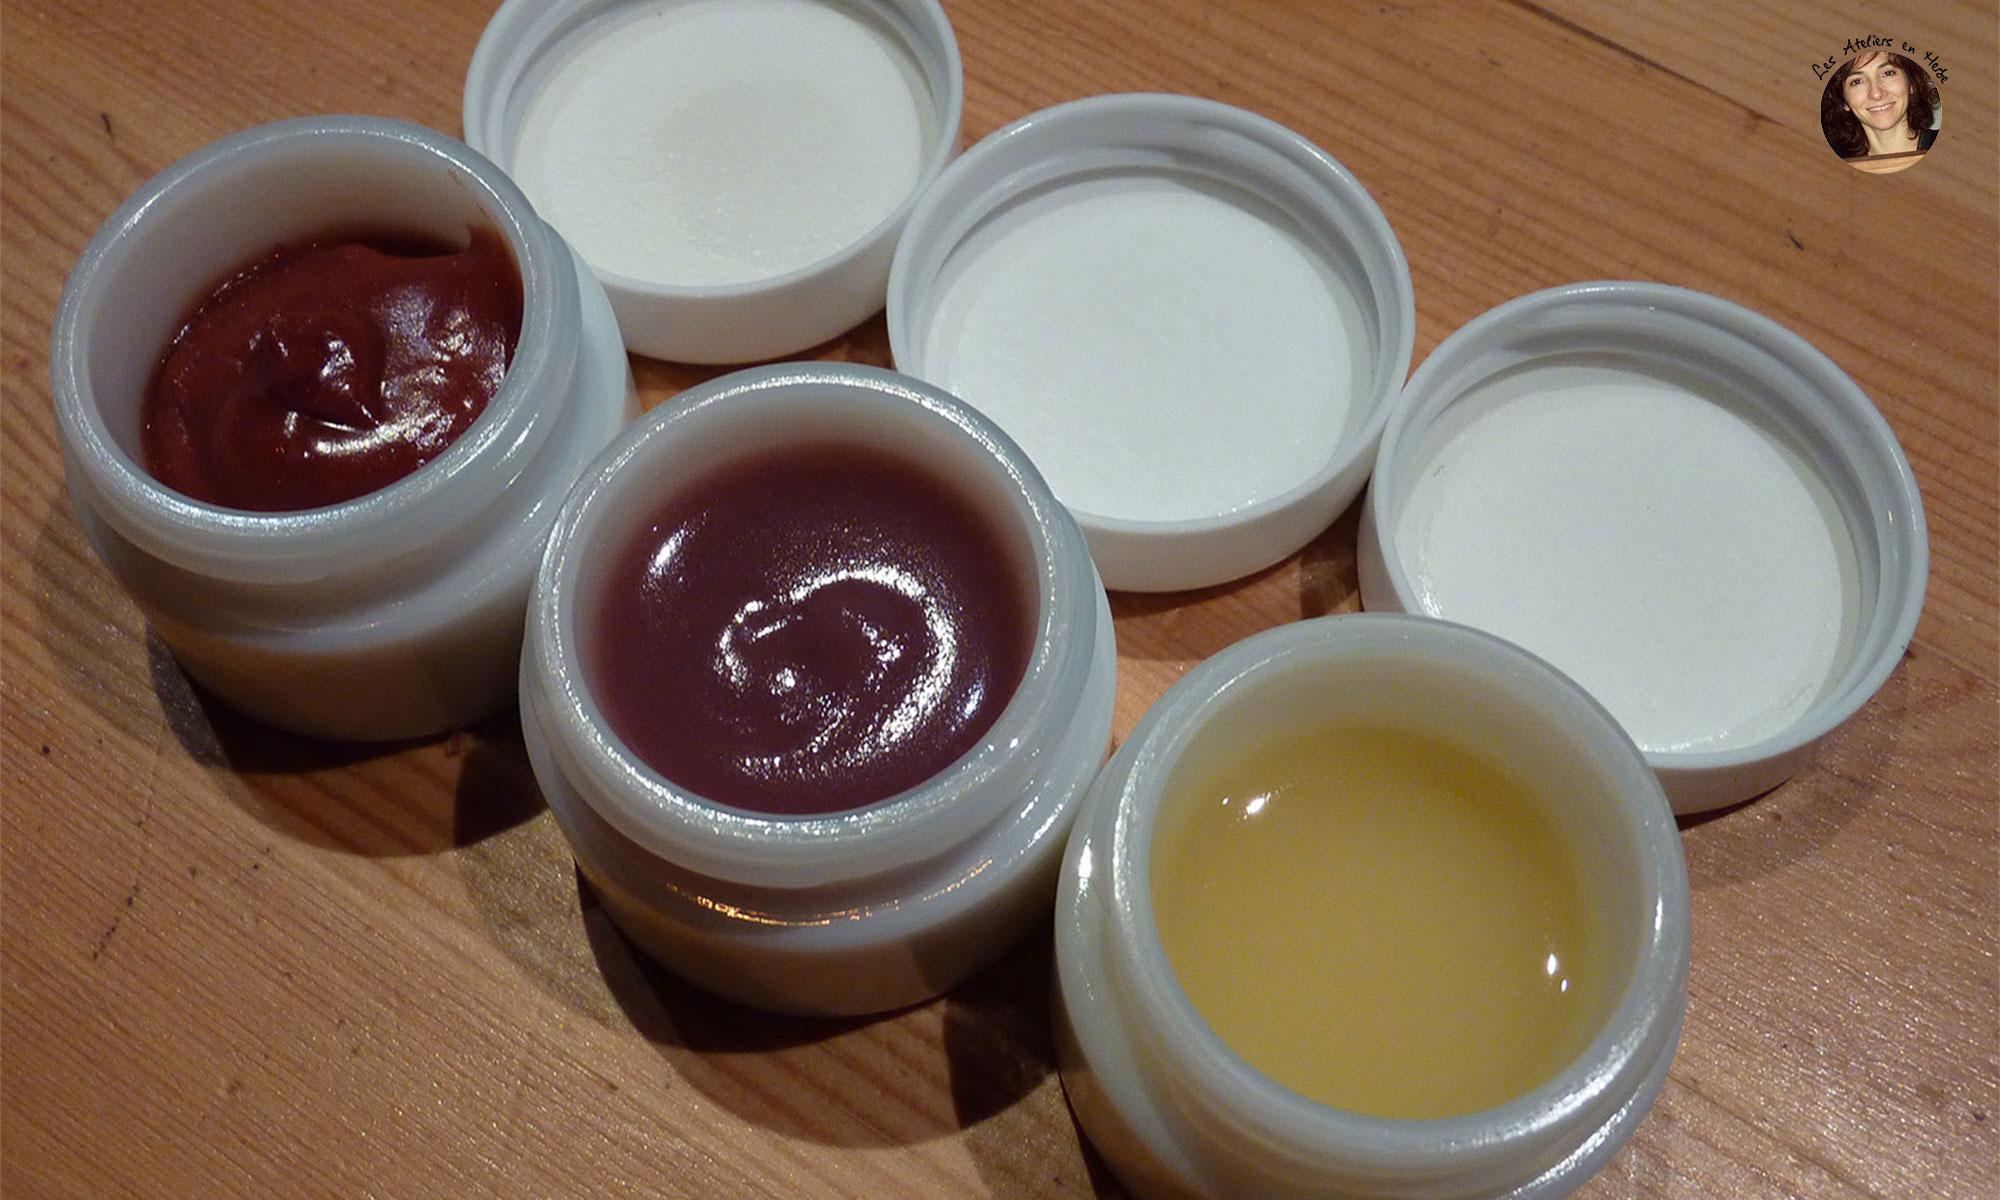 Fabriquer ses produits cosmetiques à la maison...